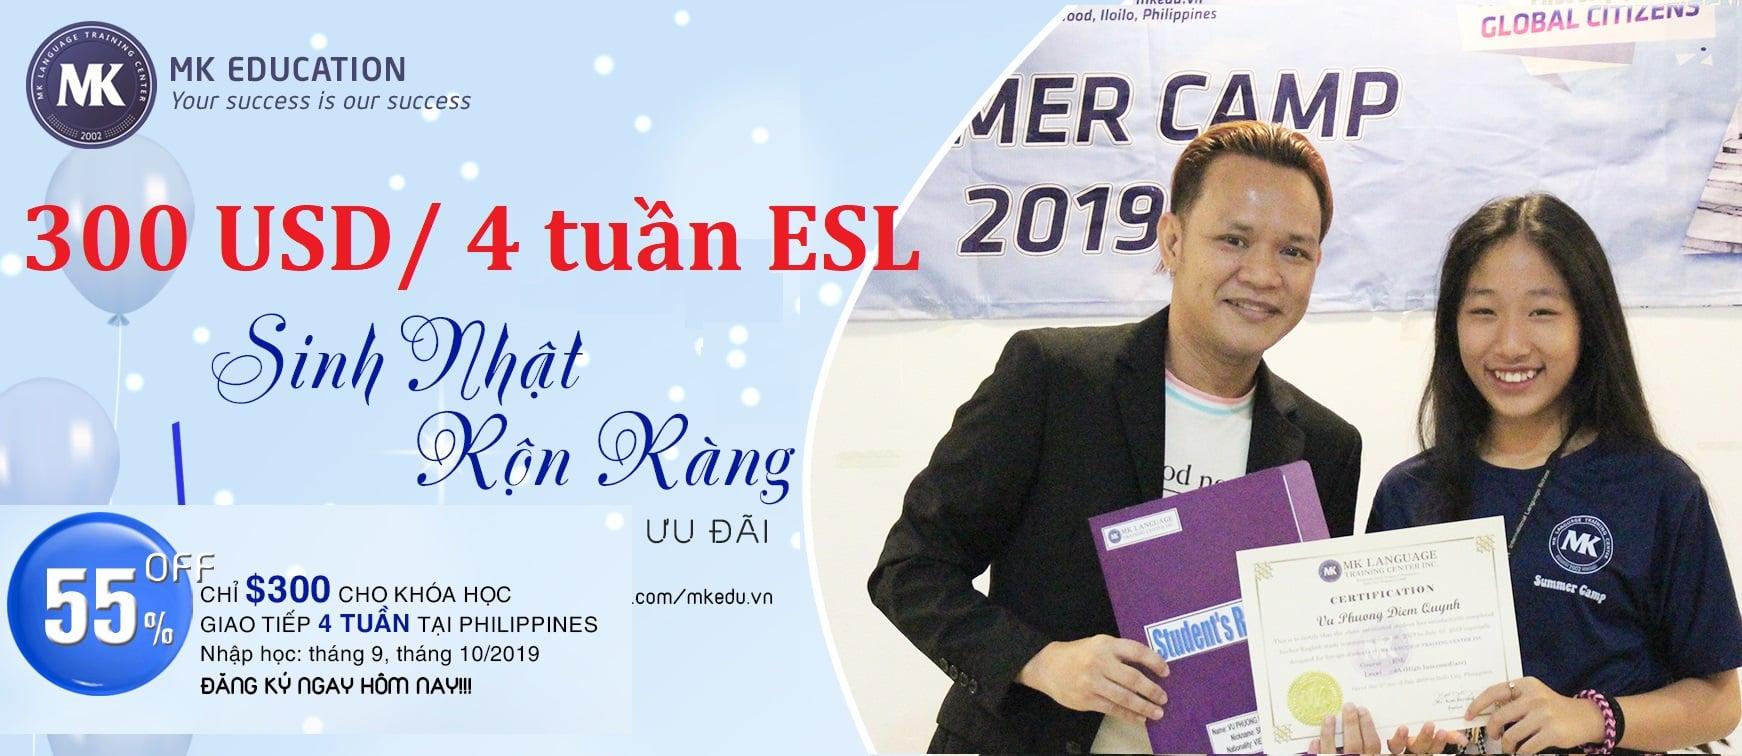 MK khóa ESL chỉ còn 300 USD/ 4 tuần